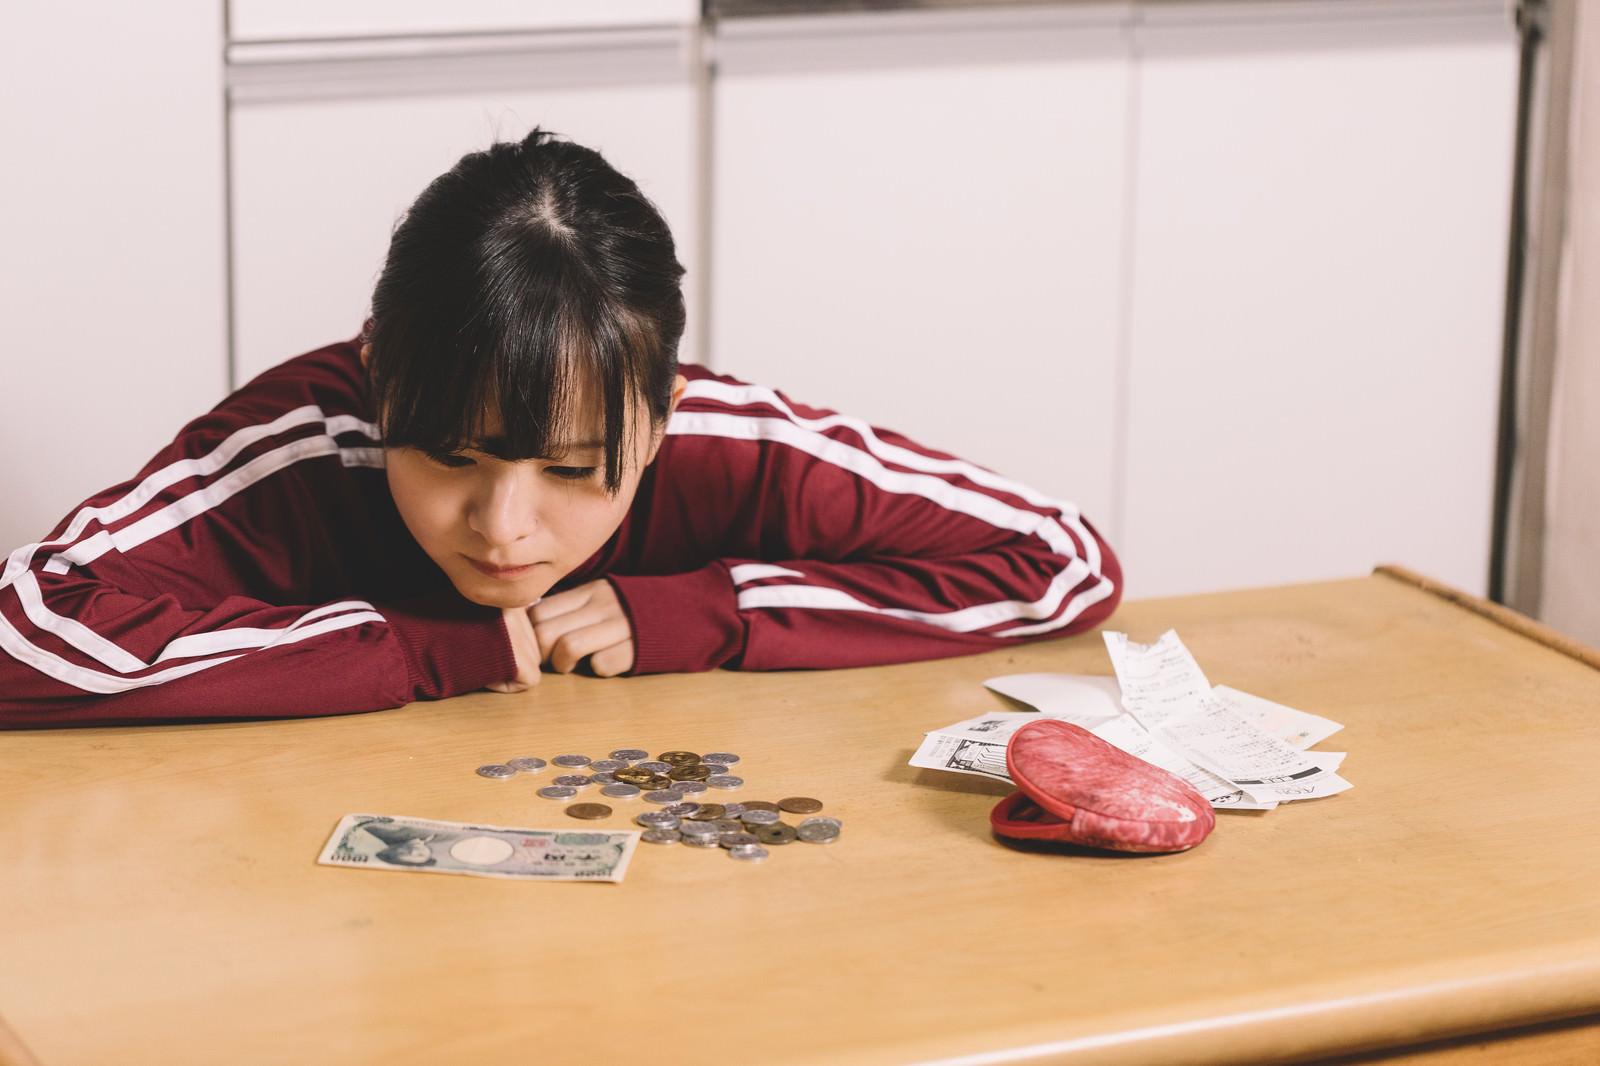 フリーターの平均月収は約15万円【フリーターで月収50万円稼ぐ方法】